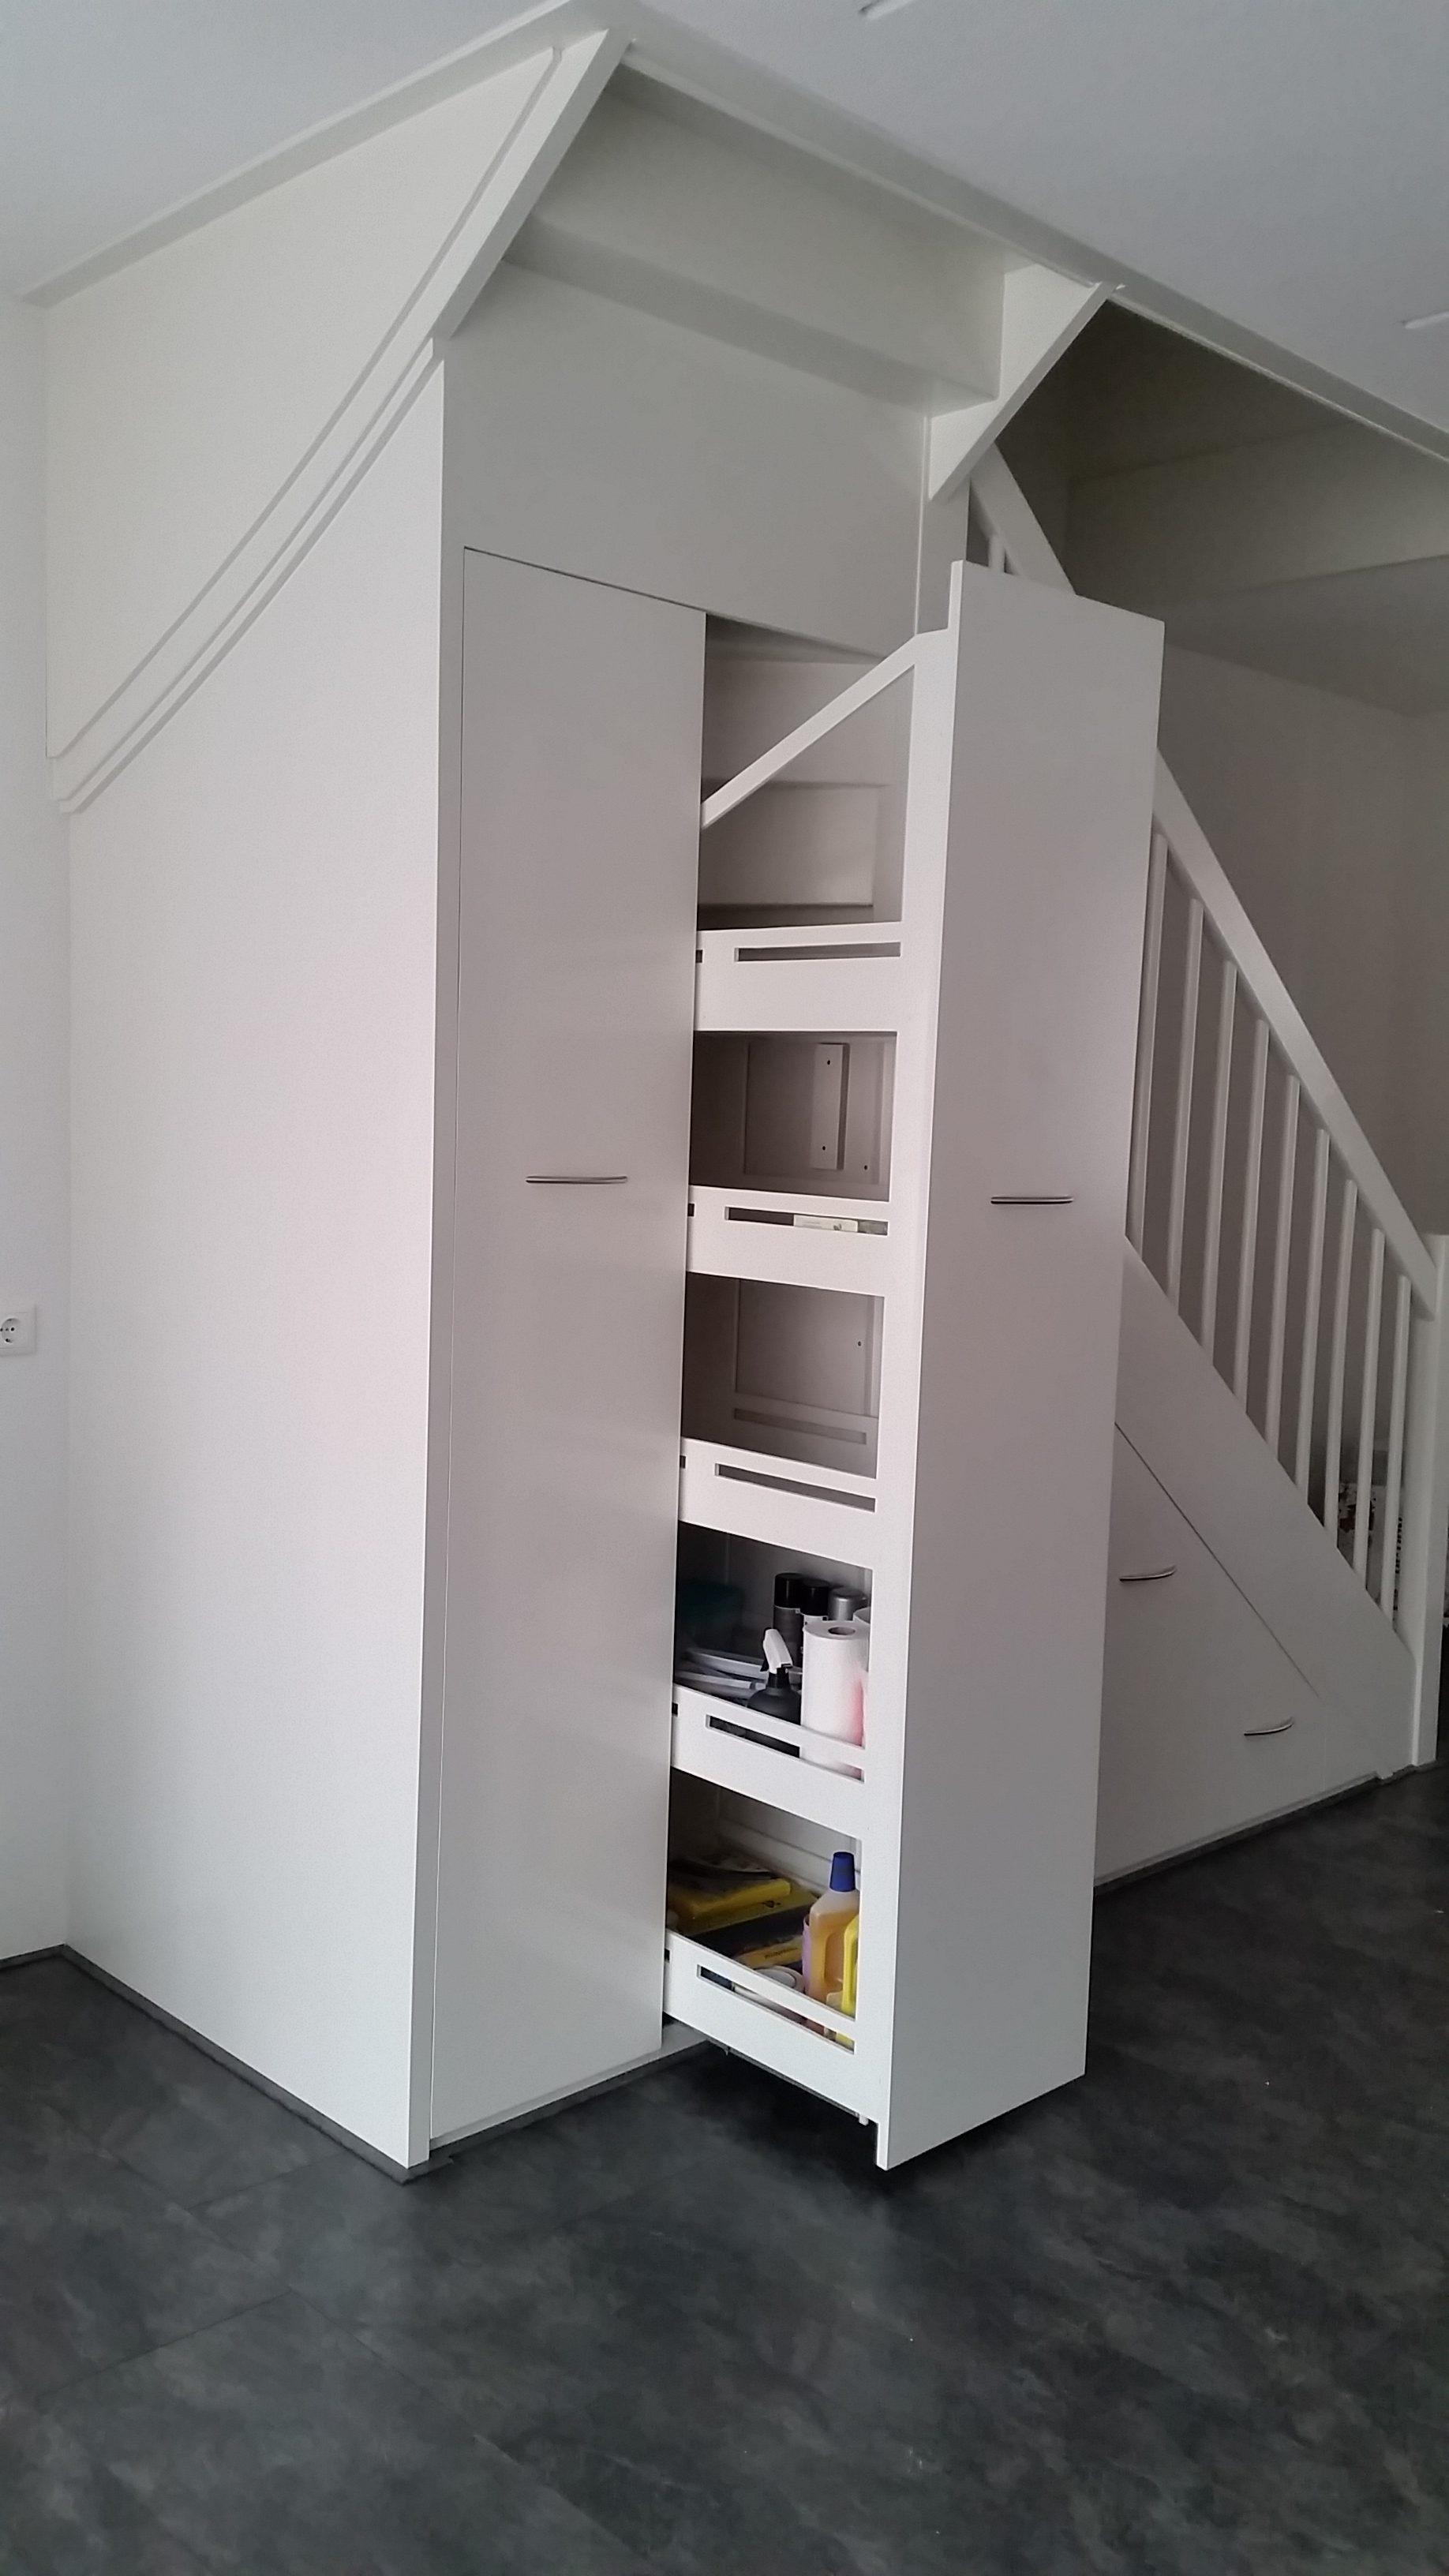 5 delige inbouwkast onder trap – Furbouw